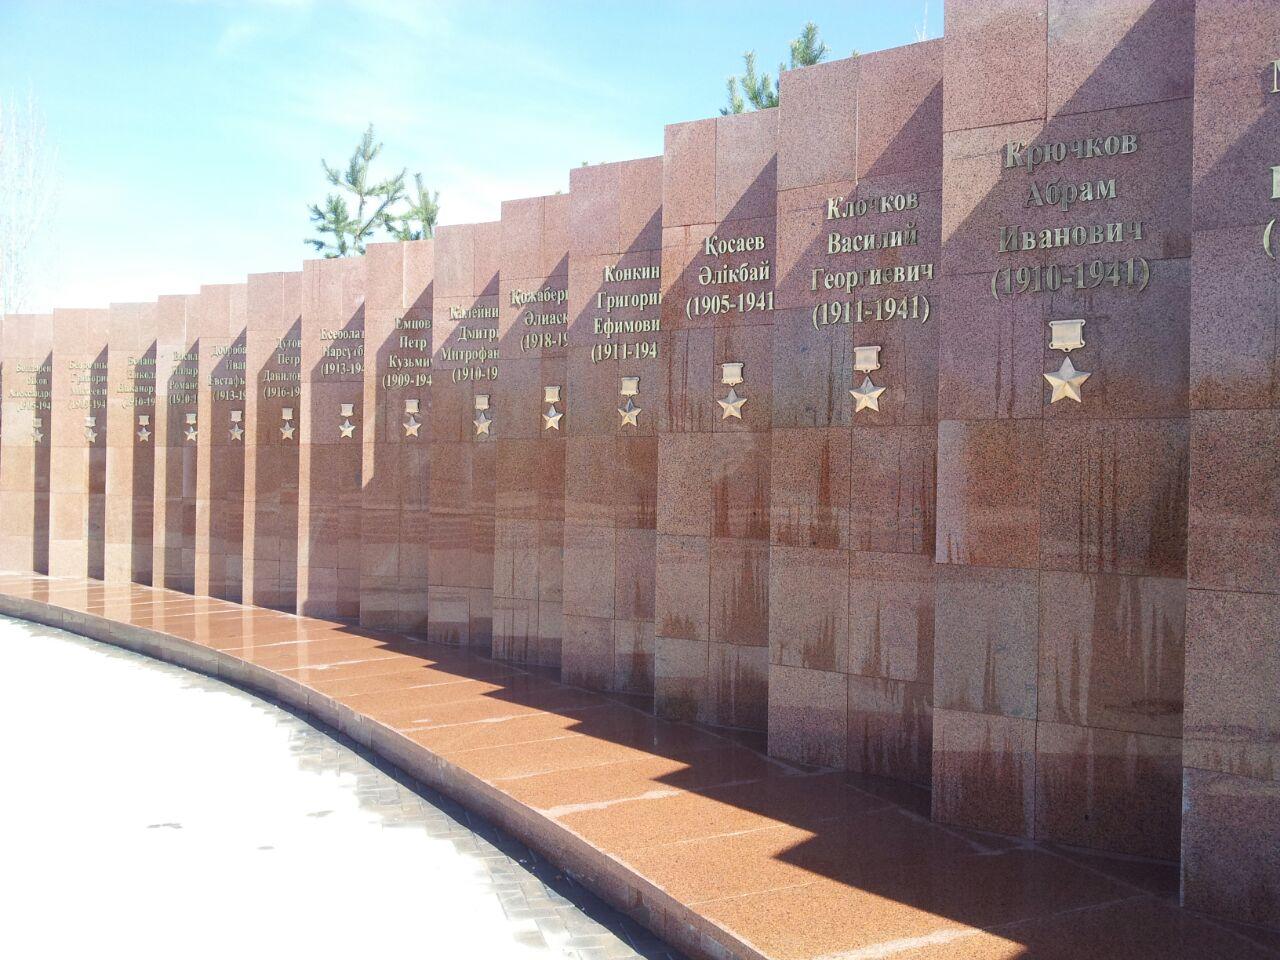 Стела с именами героев-панфиловцев.